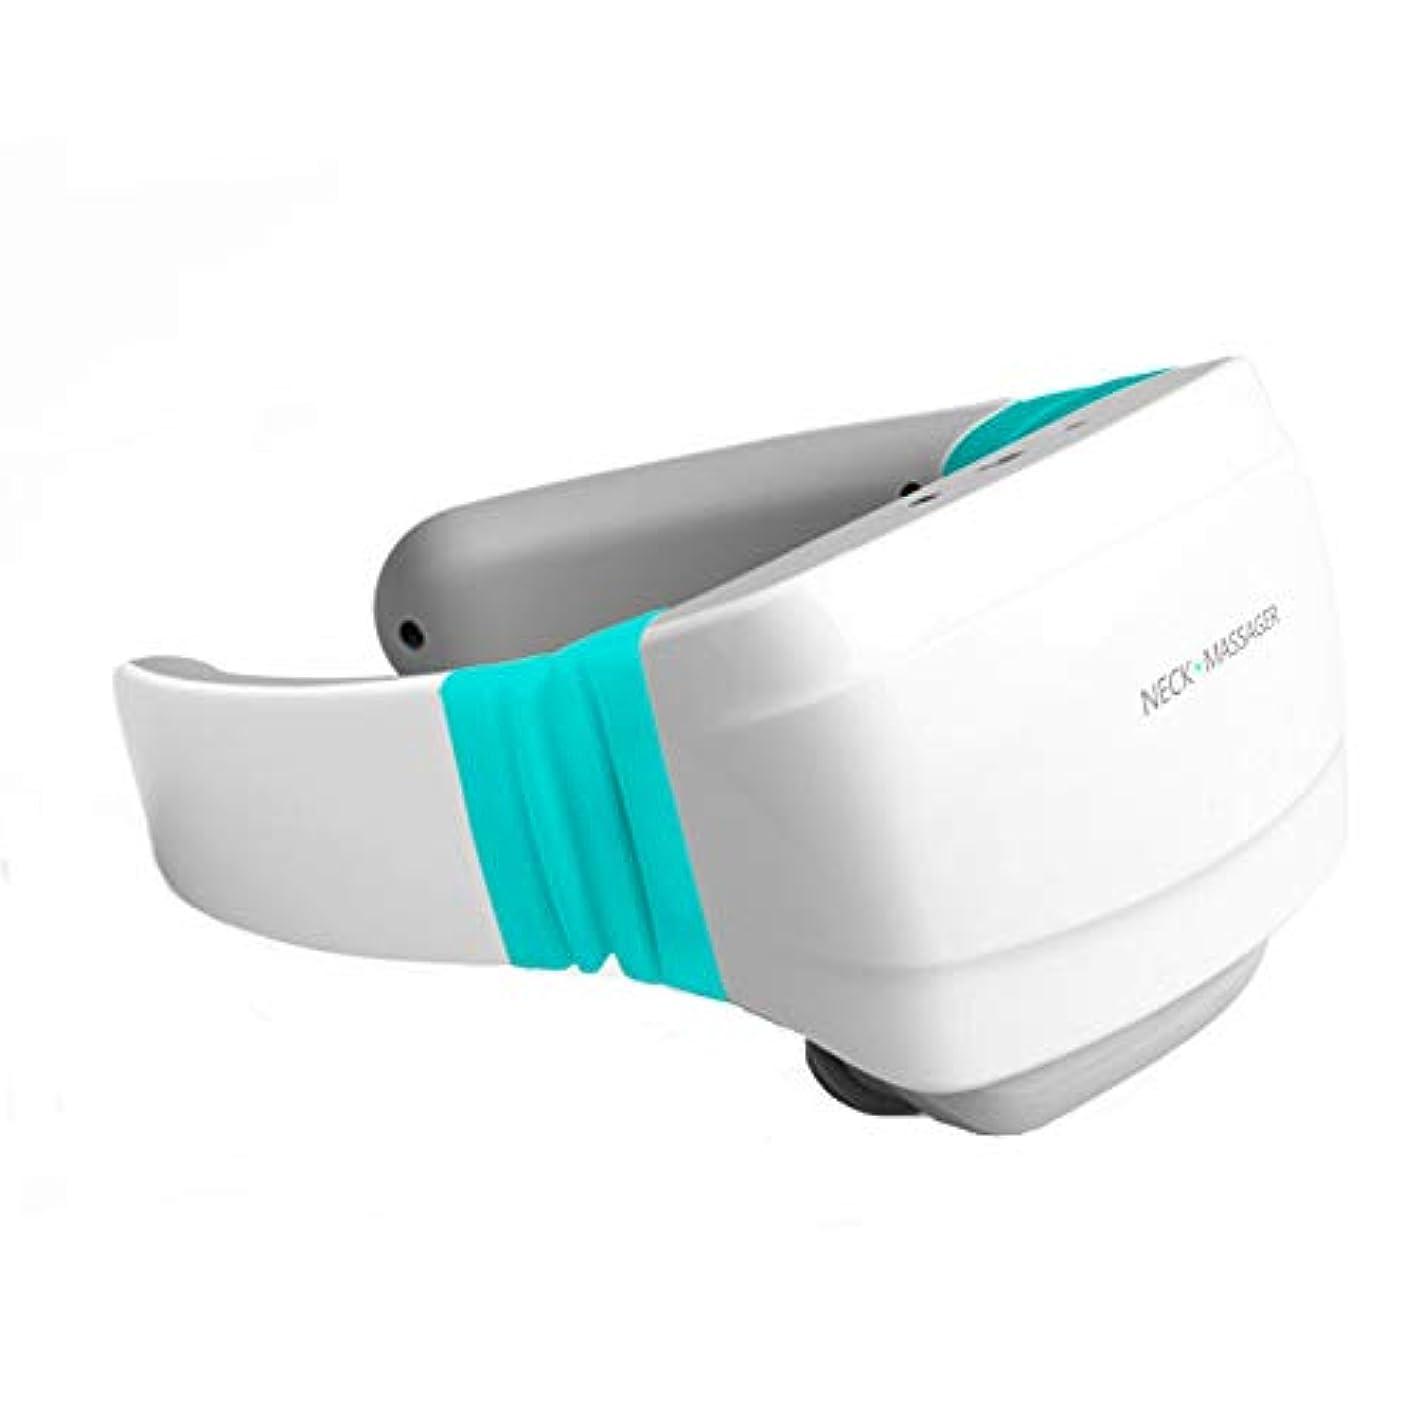 むちゃくちゃ効率的良い首、家庭での使用、車、オフィス旅行の首のマッサージ機器のための熱深練りマッサージ付き指圧マッサージャー